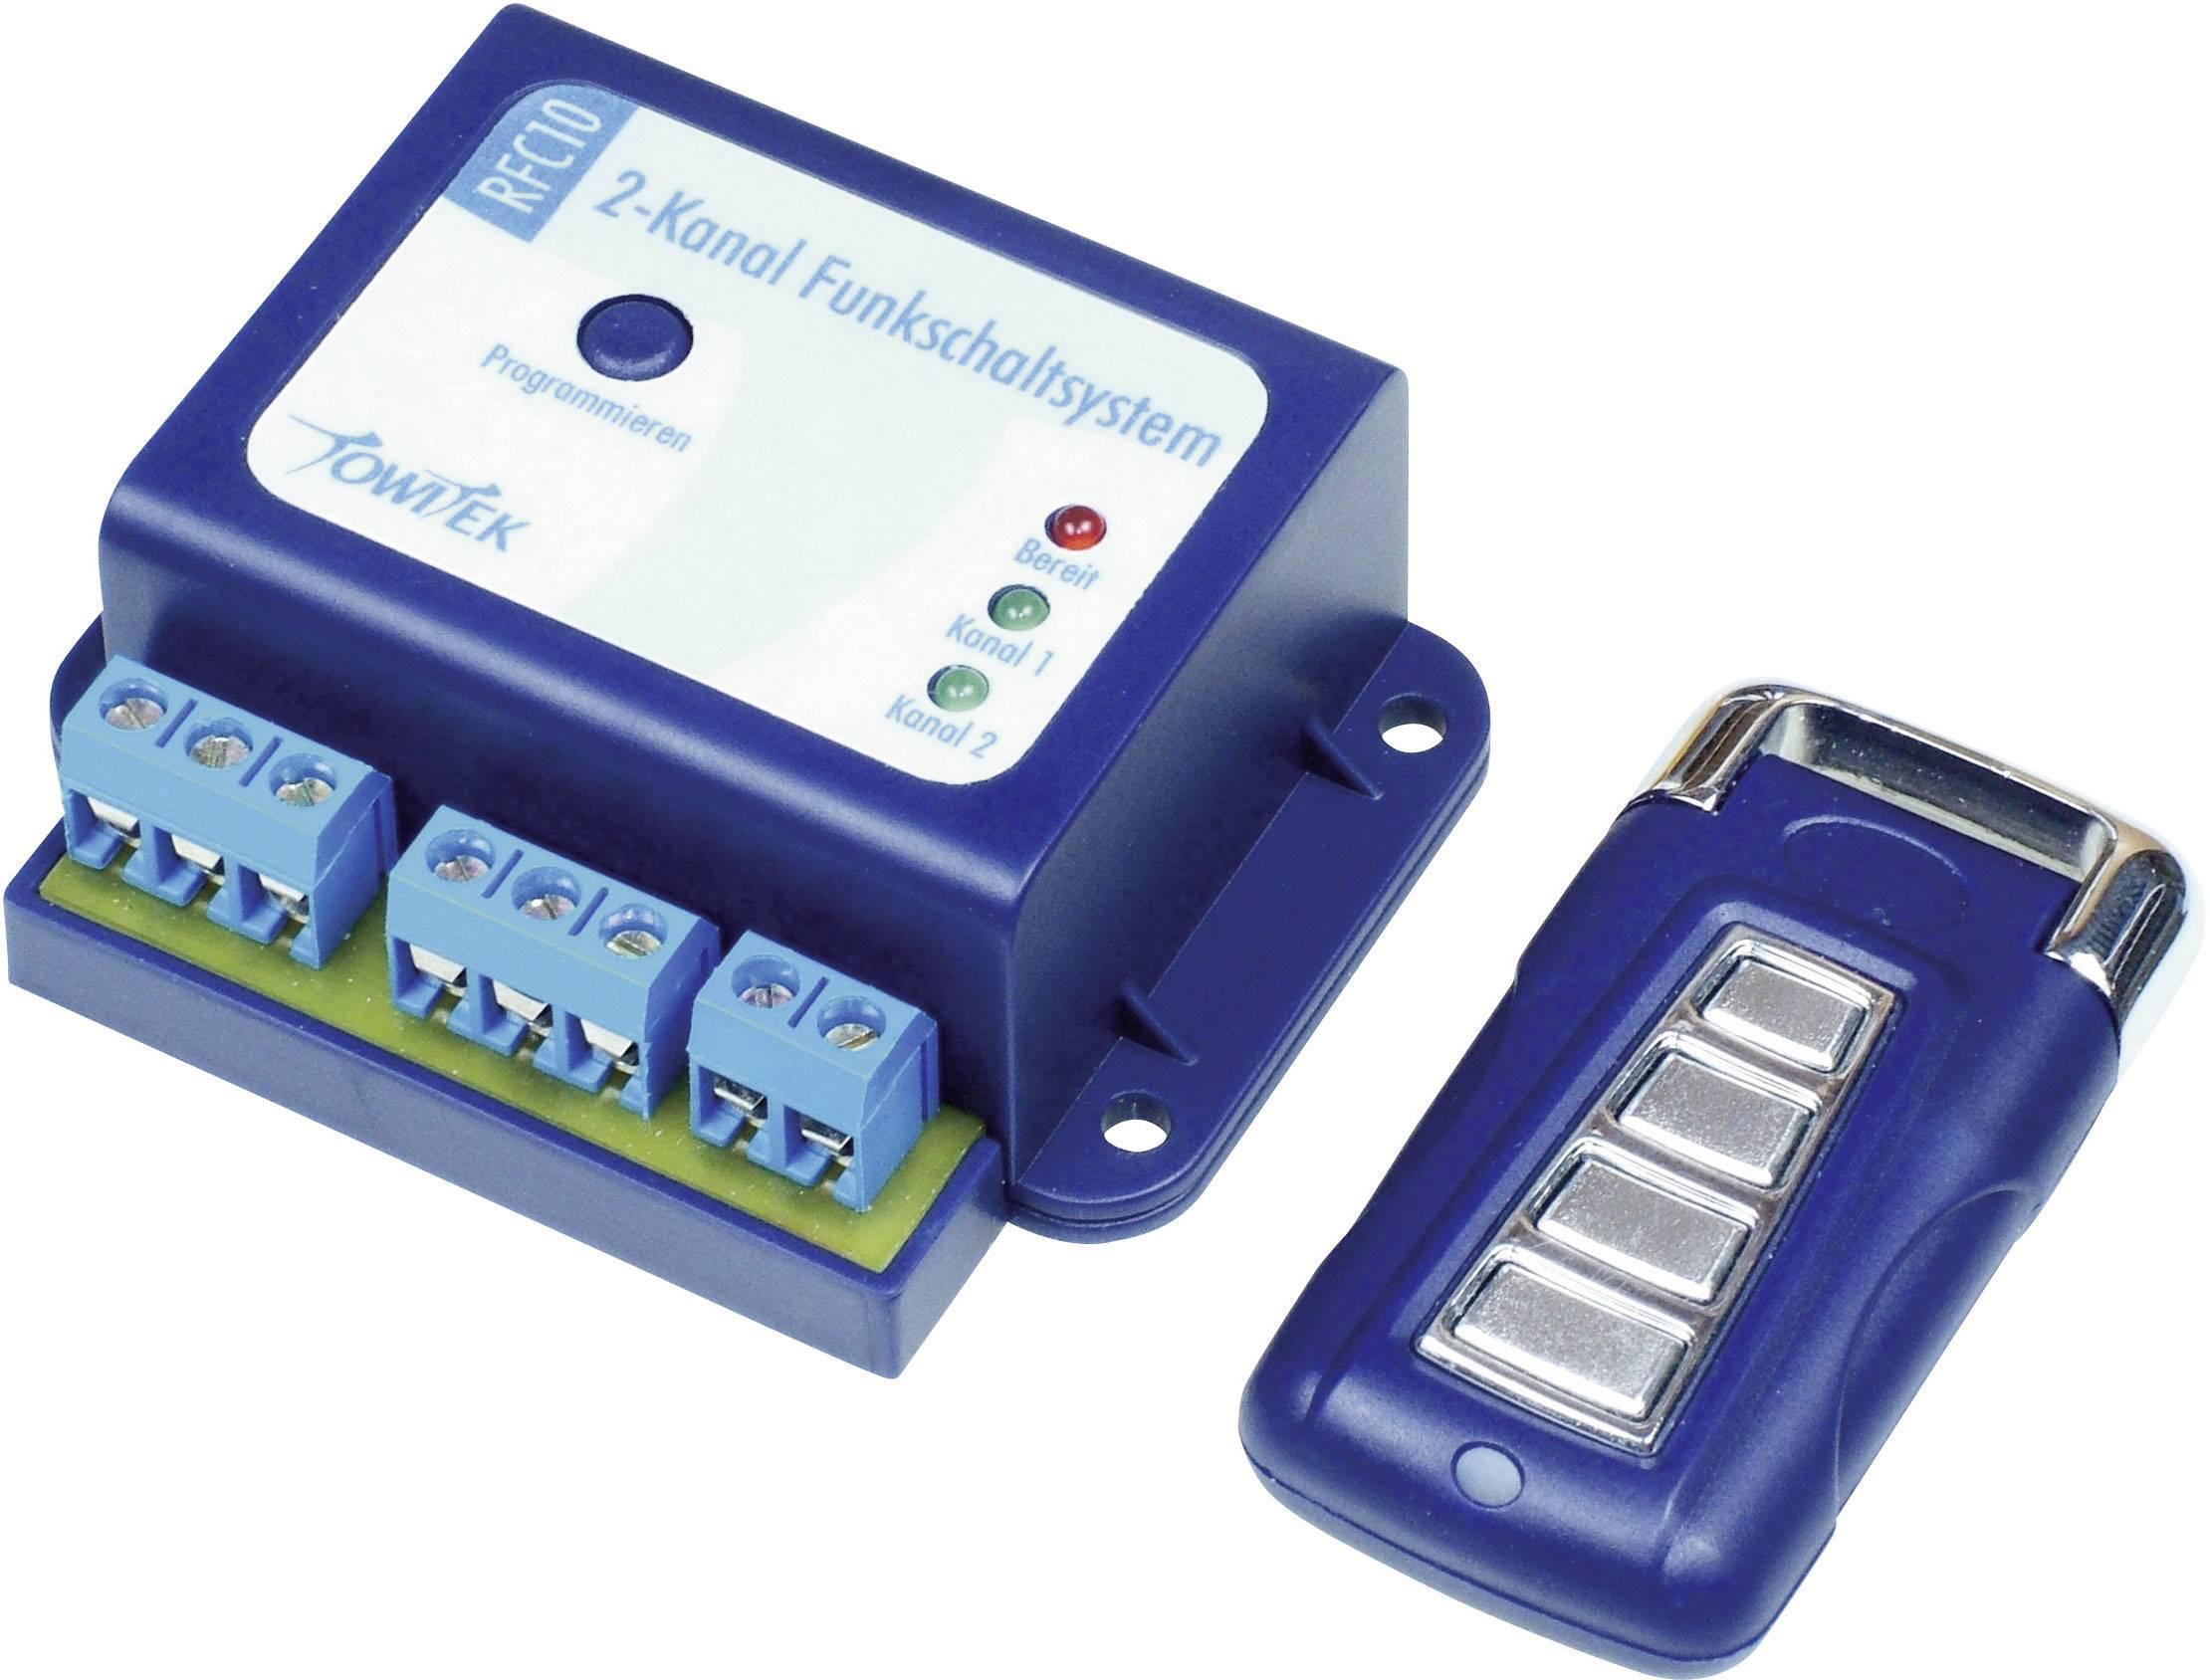 2-kanálový rádiový spínací systém + ruční vysílač